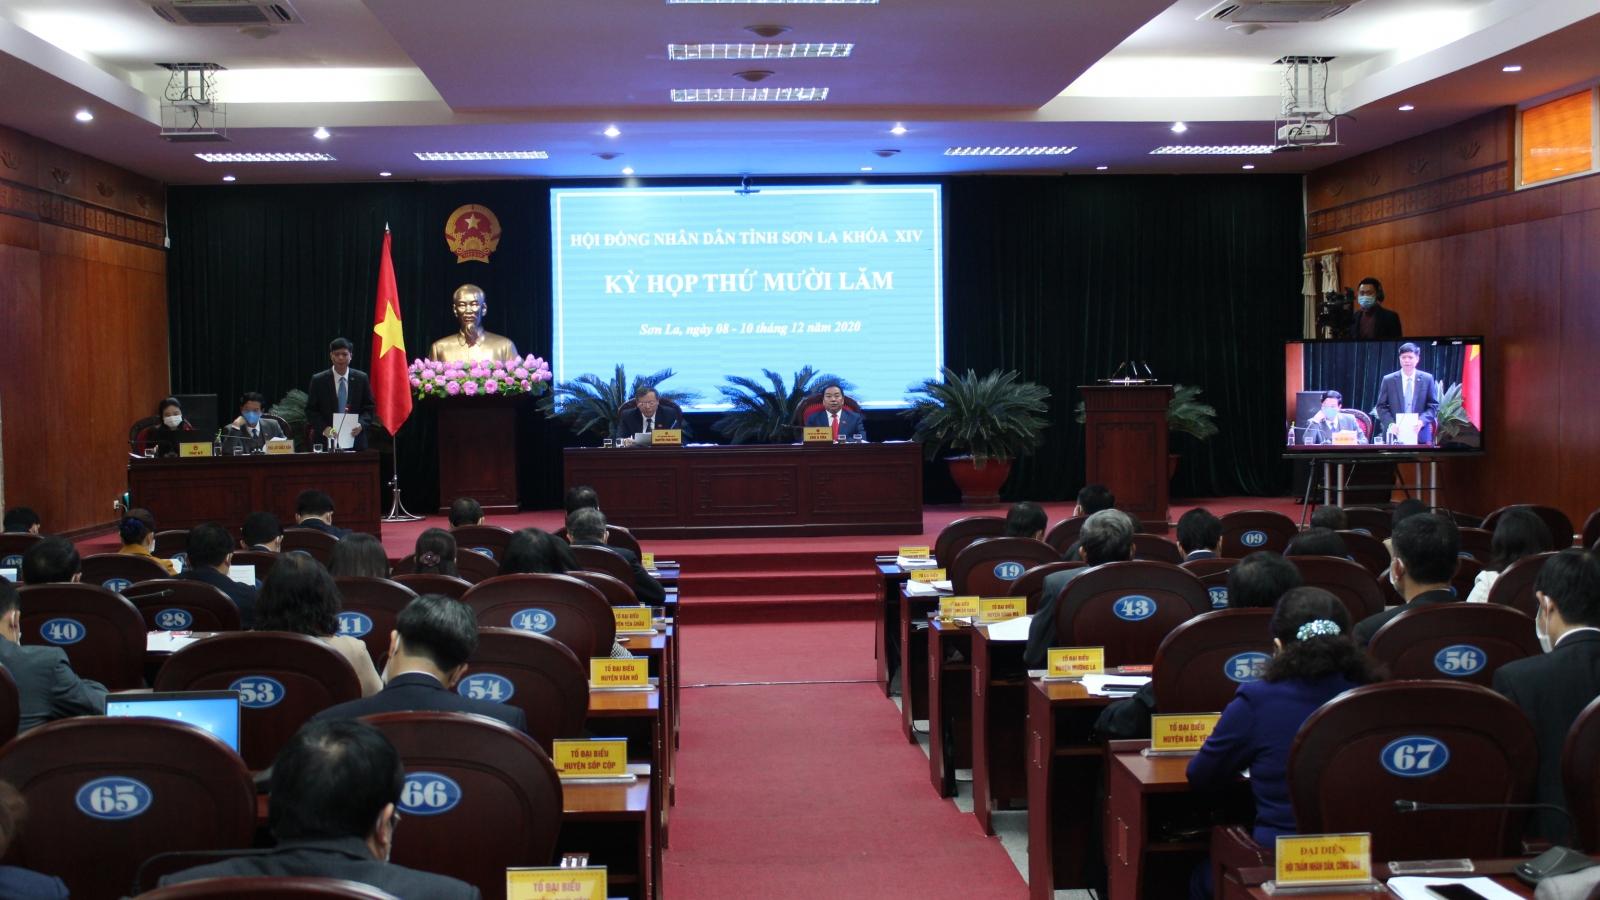 Kỳ họp HĐNDtỉnh Sơn La: Chất vấn và trả lời chất vấn nhiều vấn đề nóng